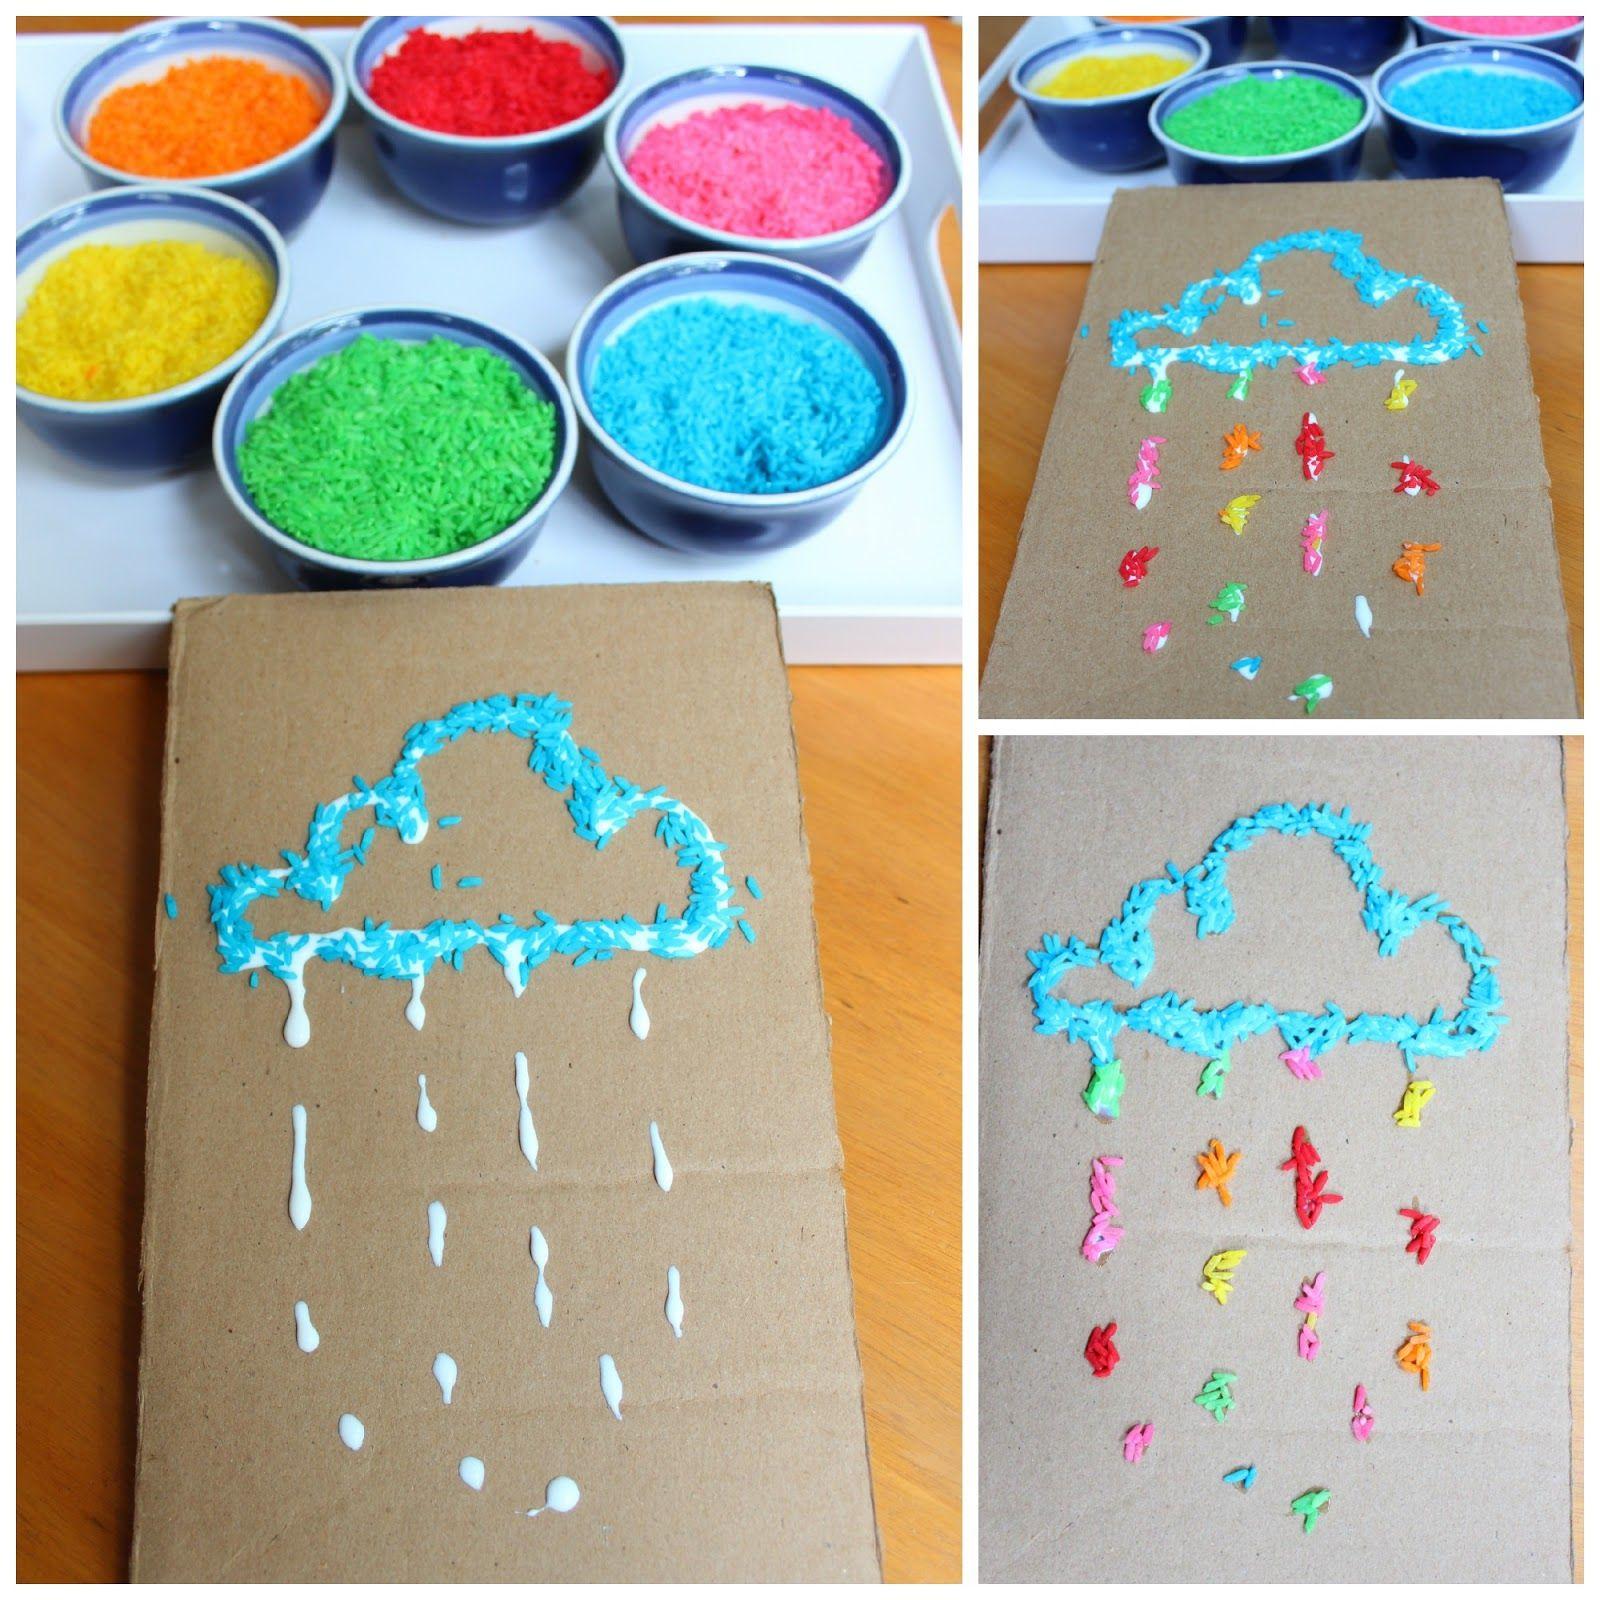 Actividades sensoriales para ni os de 2 a 3 a os buscar for Caja de colores jardin infantil